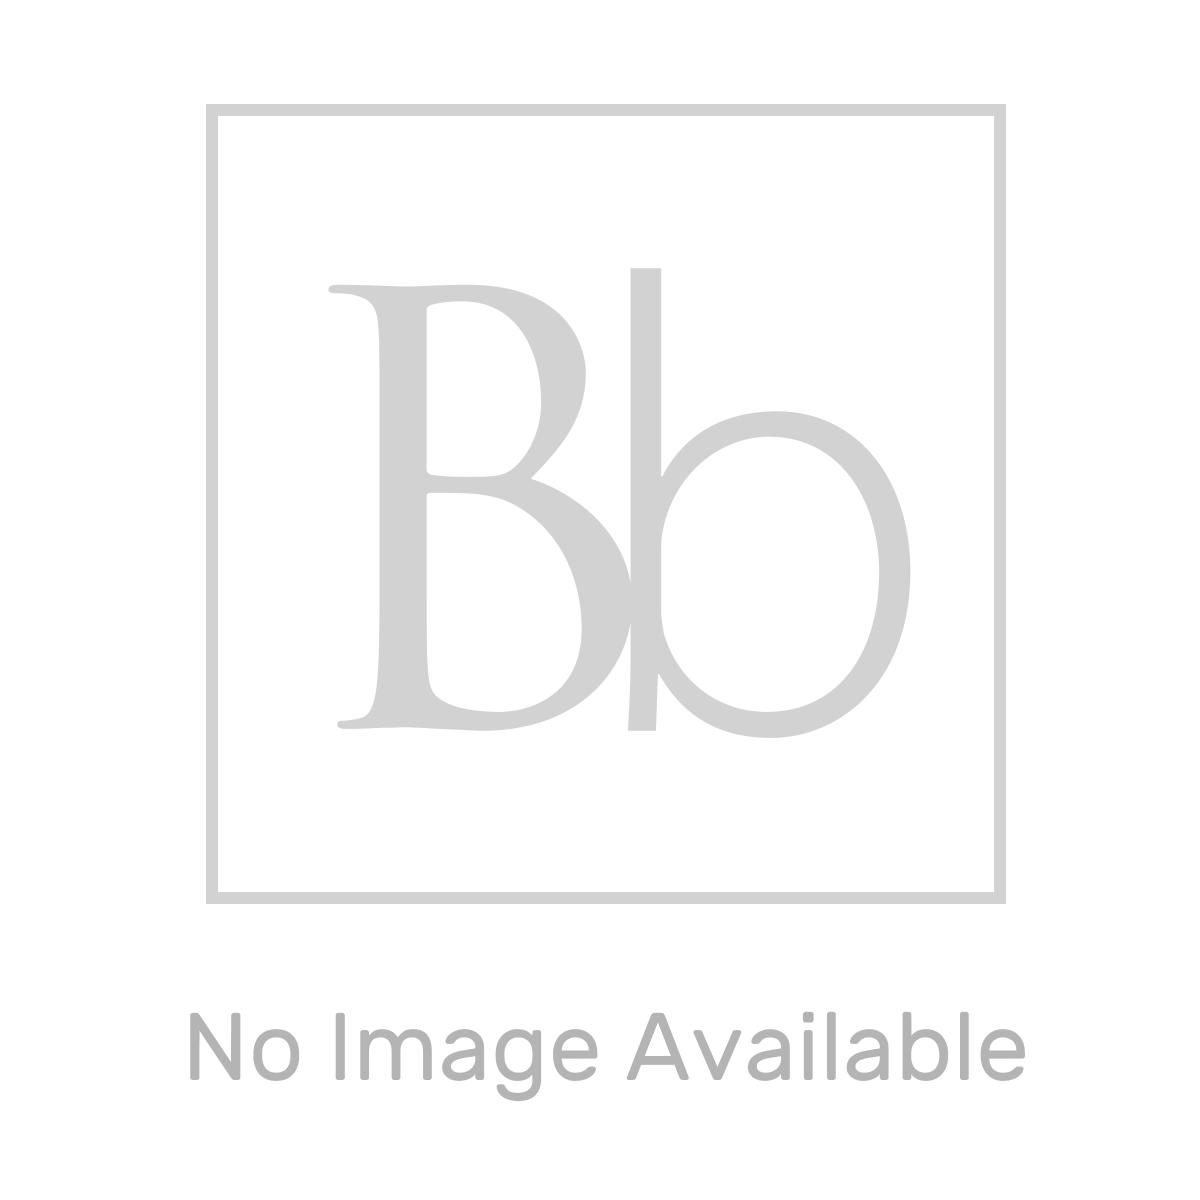 RAK Resort Illuminated LED Mirror 700 x 550mm